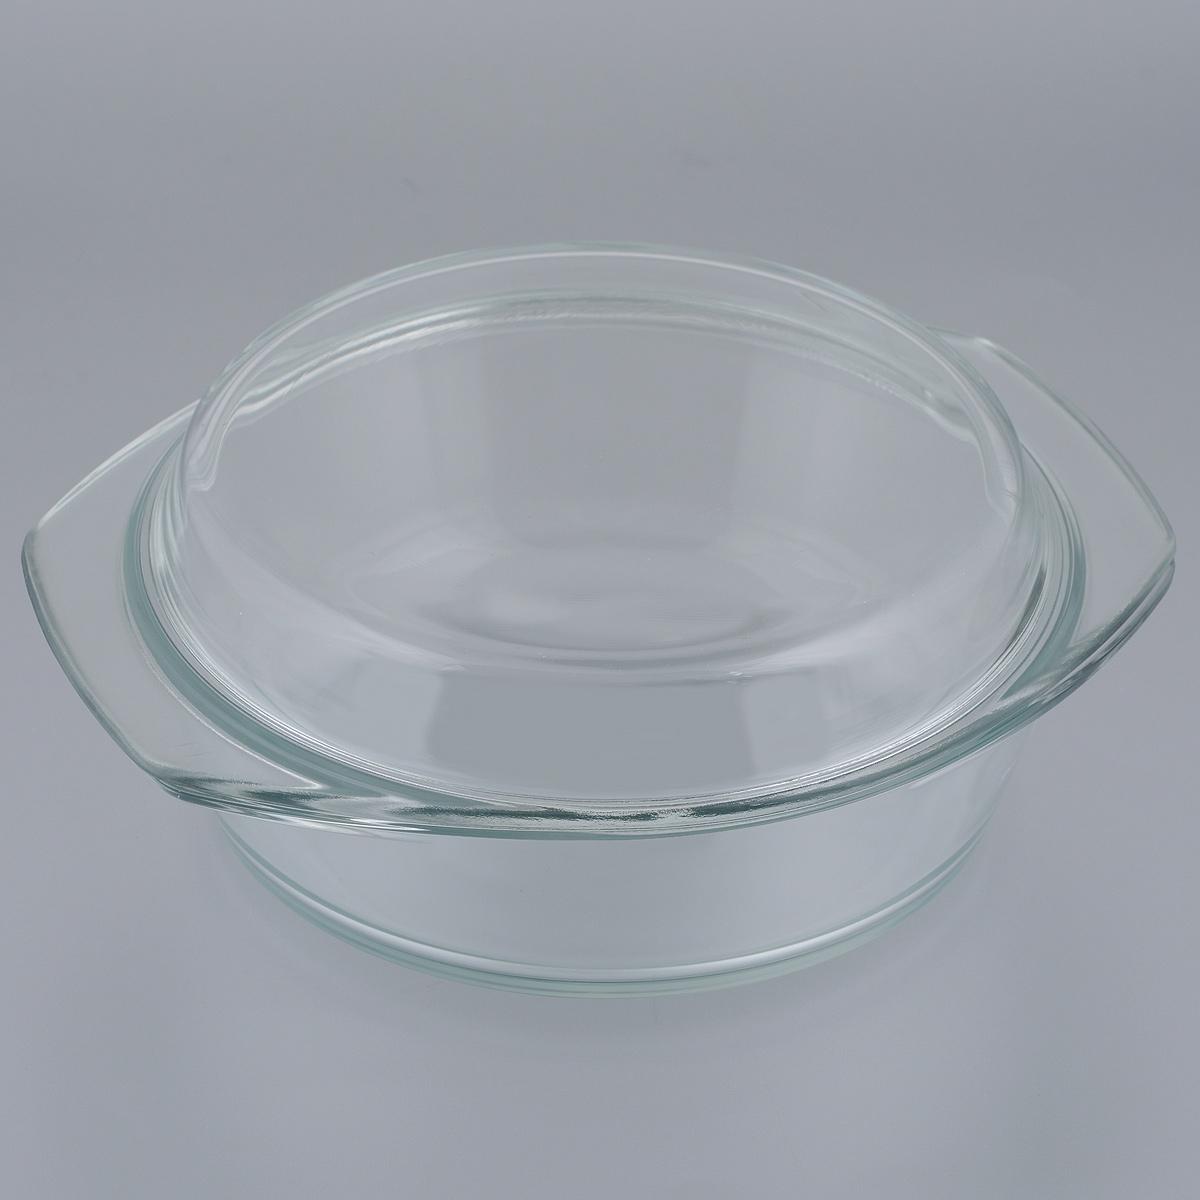 Кастрюля Mijotex с крышкой, 1,5 лPL16Кастрюля Mijotex изготовлена из экологически чистого жаропрочного стекла и оснащена крышкой, которую также можно использовать как отдельную емкость. Стекло - самый безопасный для здоровья материал. Посуда из стекла не вступает в реакцию с готовящейся пищей, а потому не выделяет никаких вредных веществ, не подвергается воздействию кислот и солей. Из-за невысокой теплопроводности пища в стеклянной посуде гораздо медленнее остывает. Стеклянная посуда очень удобна для приготовления, разогрева и хранения самых разнообразных блюд: супов, вторых блюд, десертов. Используя такую кастрюлю, вы можете не только приготовить в ней пищу, но и подать ее к столу, не меняя посуды. Благодаря гладкой идеально ровной поверхности посуда легко моется. Допускается нагрев посуды до 250°С. Данная форма не подходит для открытого огня (СВЧ, духовка (любая)). Можно использовать для хранения в холодильнике и морозильной камере. Можно мыть в посудомоечной машине. Высота стенок кастрюли: 6,5 см. Высота кастрюли (с учетом крышки): 9,5 см. Ширина кастрюли (с учетом ручек): 23,5 см. Толщина стенок: 5 мм.Толщина дна: 5 мм.